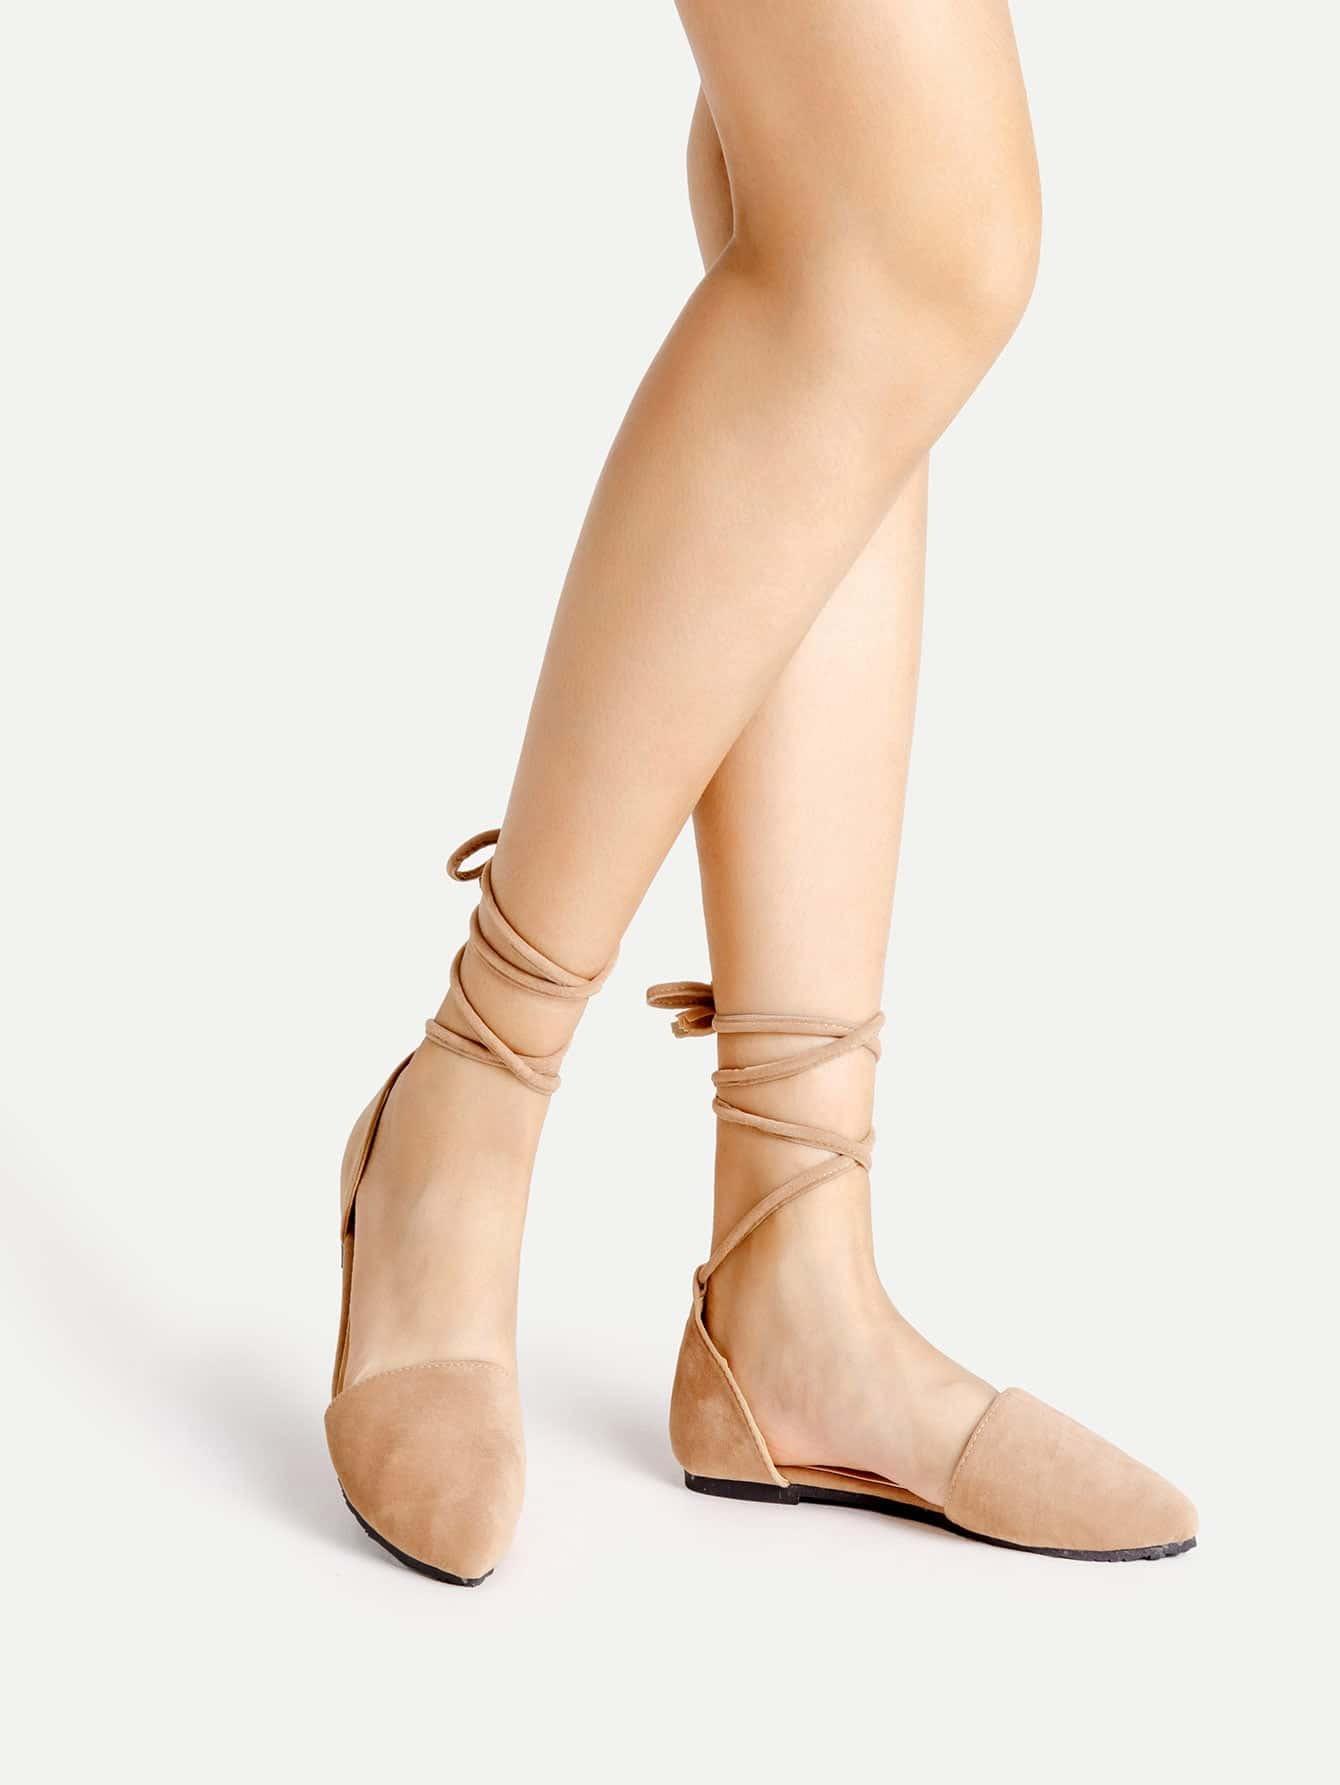 shoes170602813_2